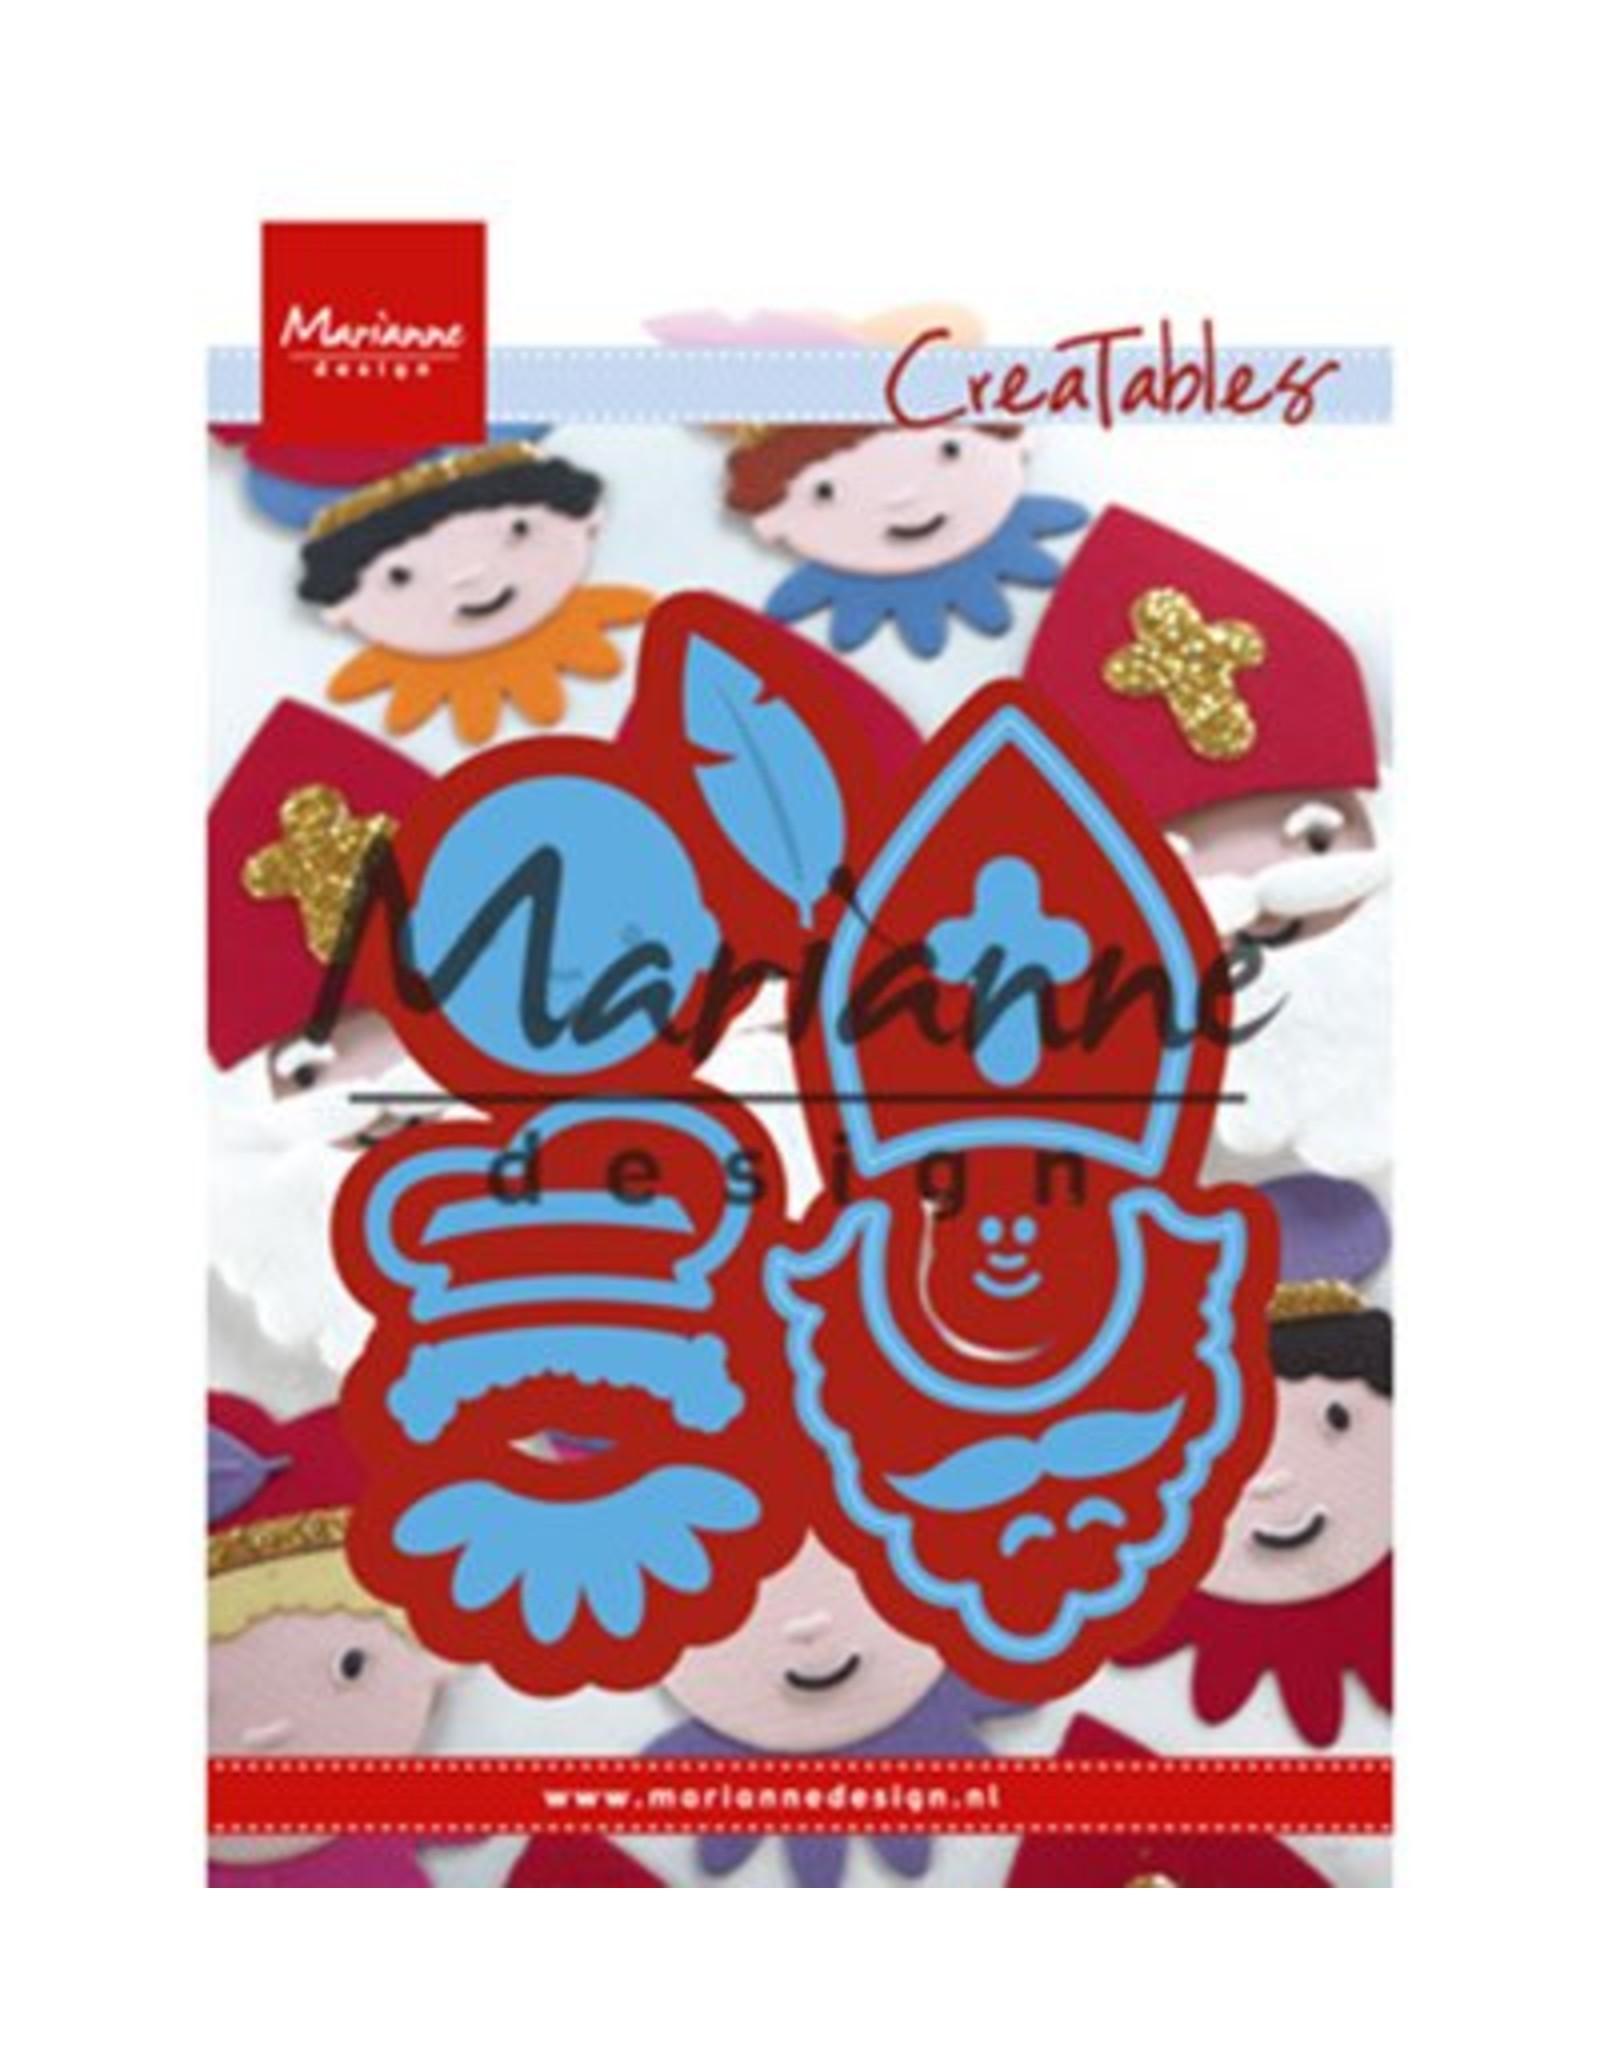 Marianne D Creatable Sinterklaas & Pieterbaas (NL) LR0565